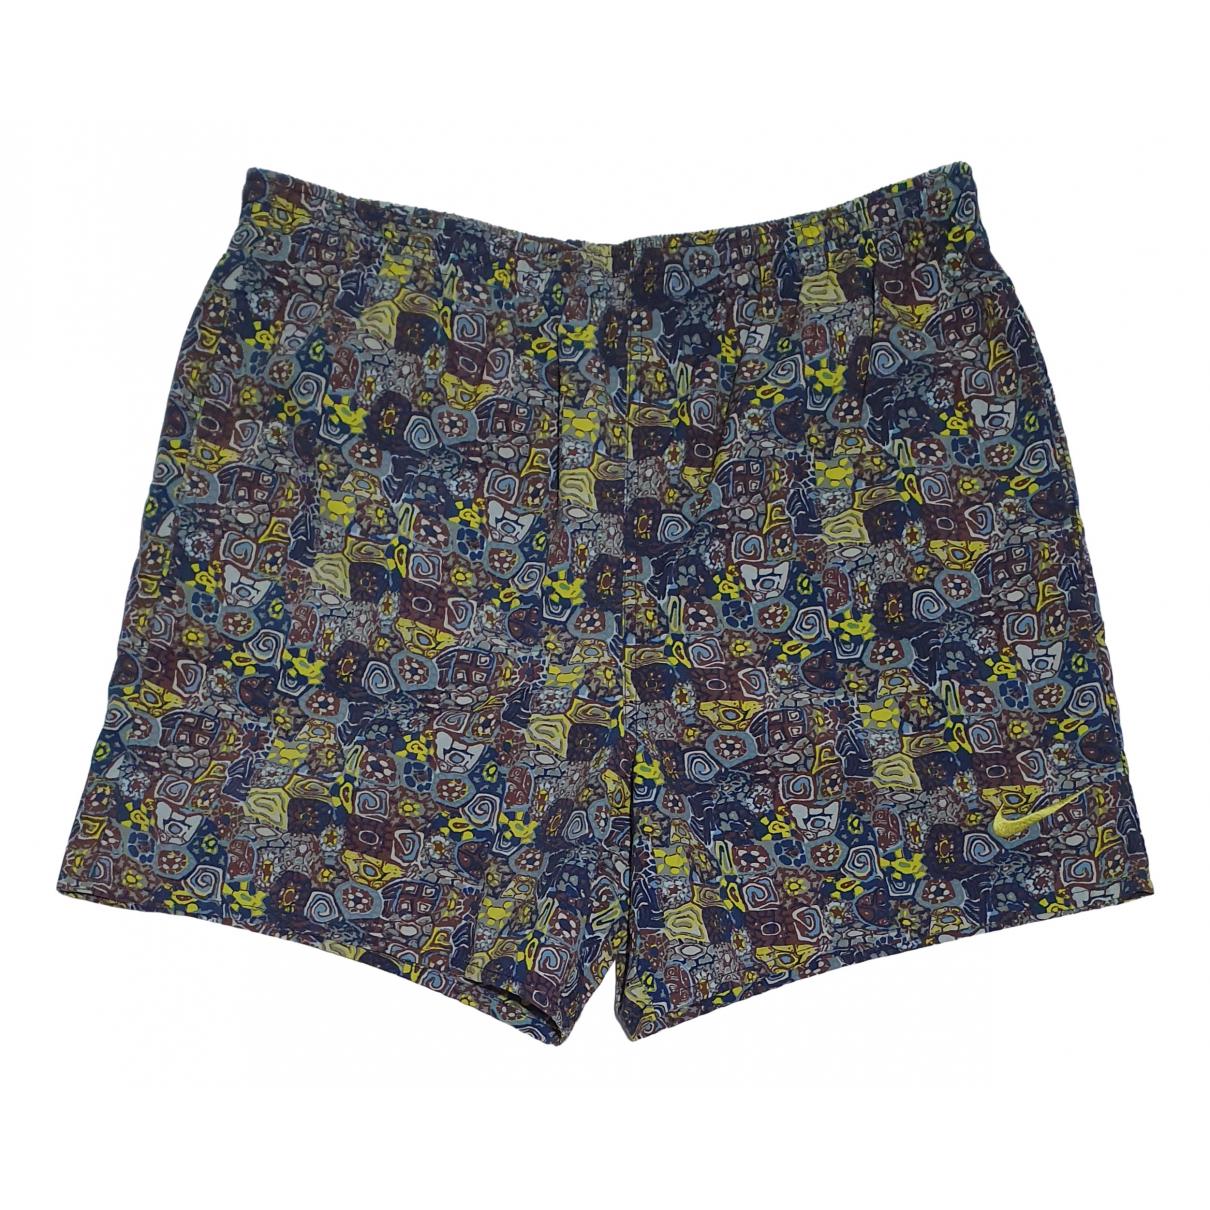 Nike - Short   pour homme - multicolore